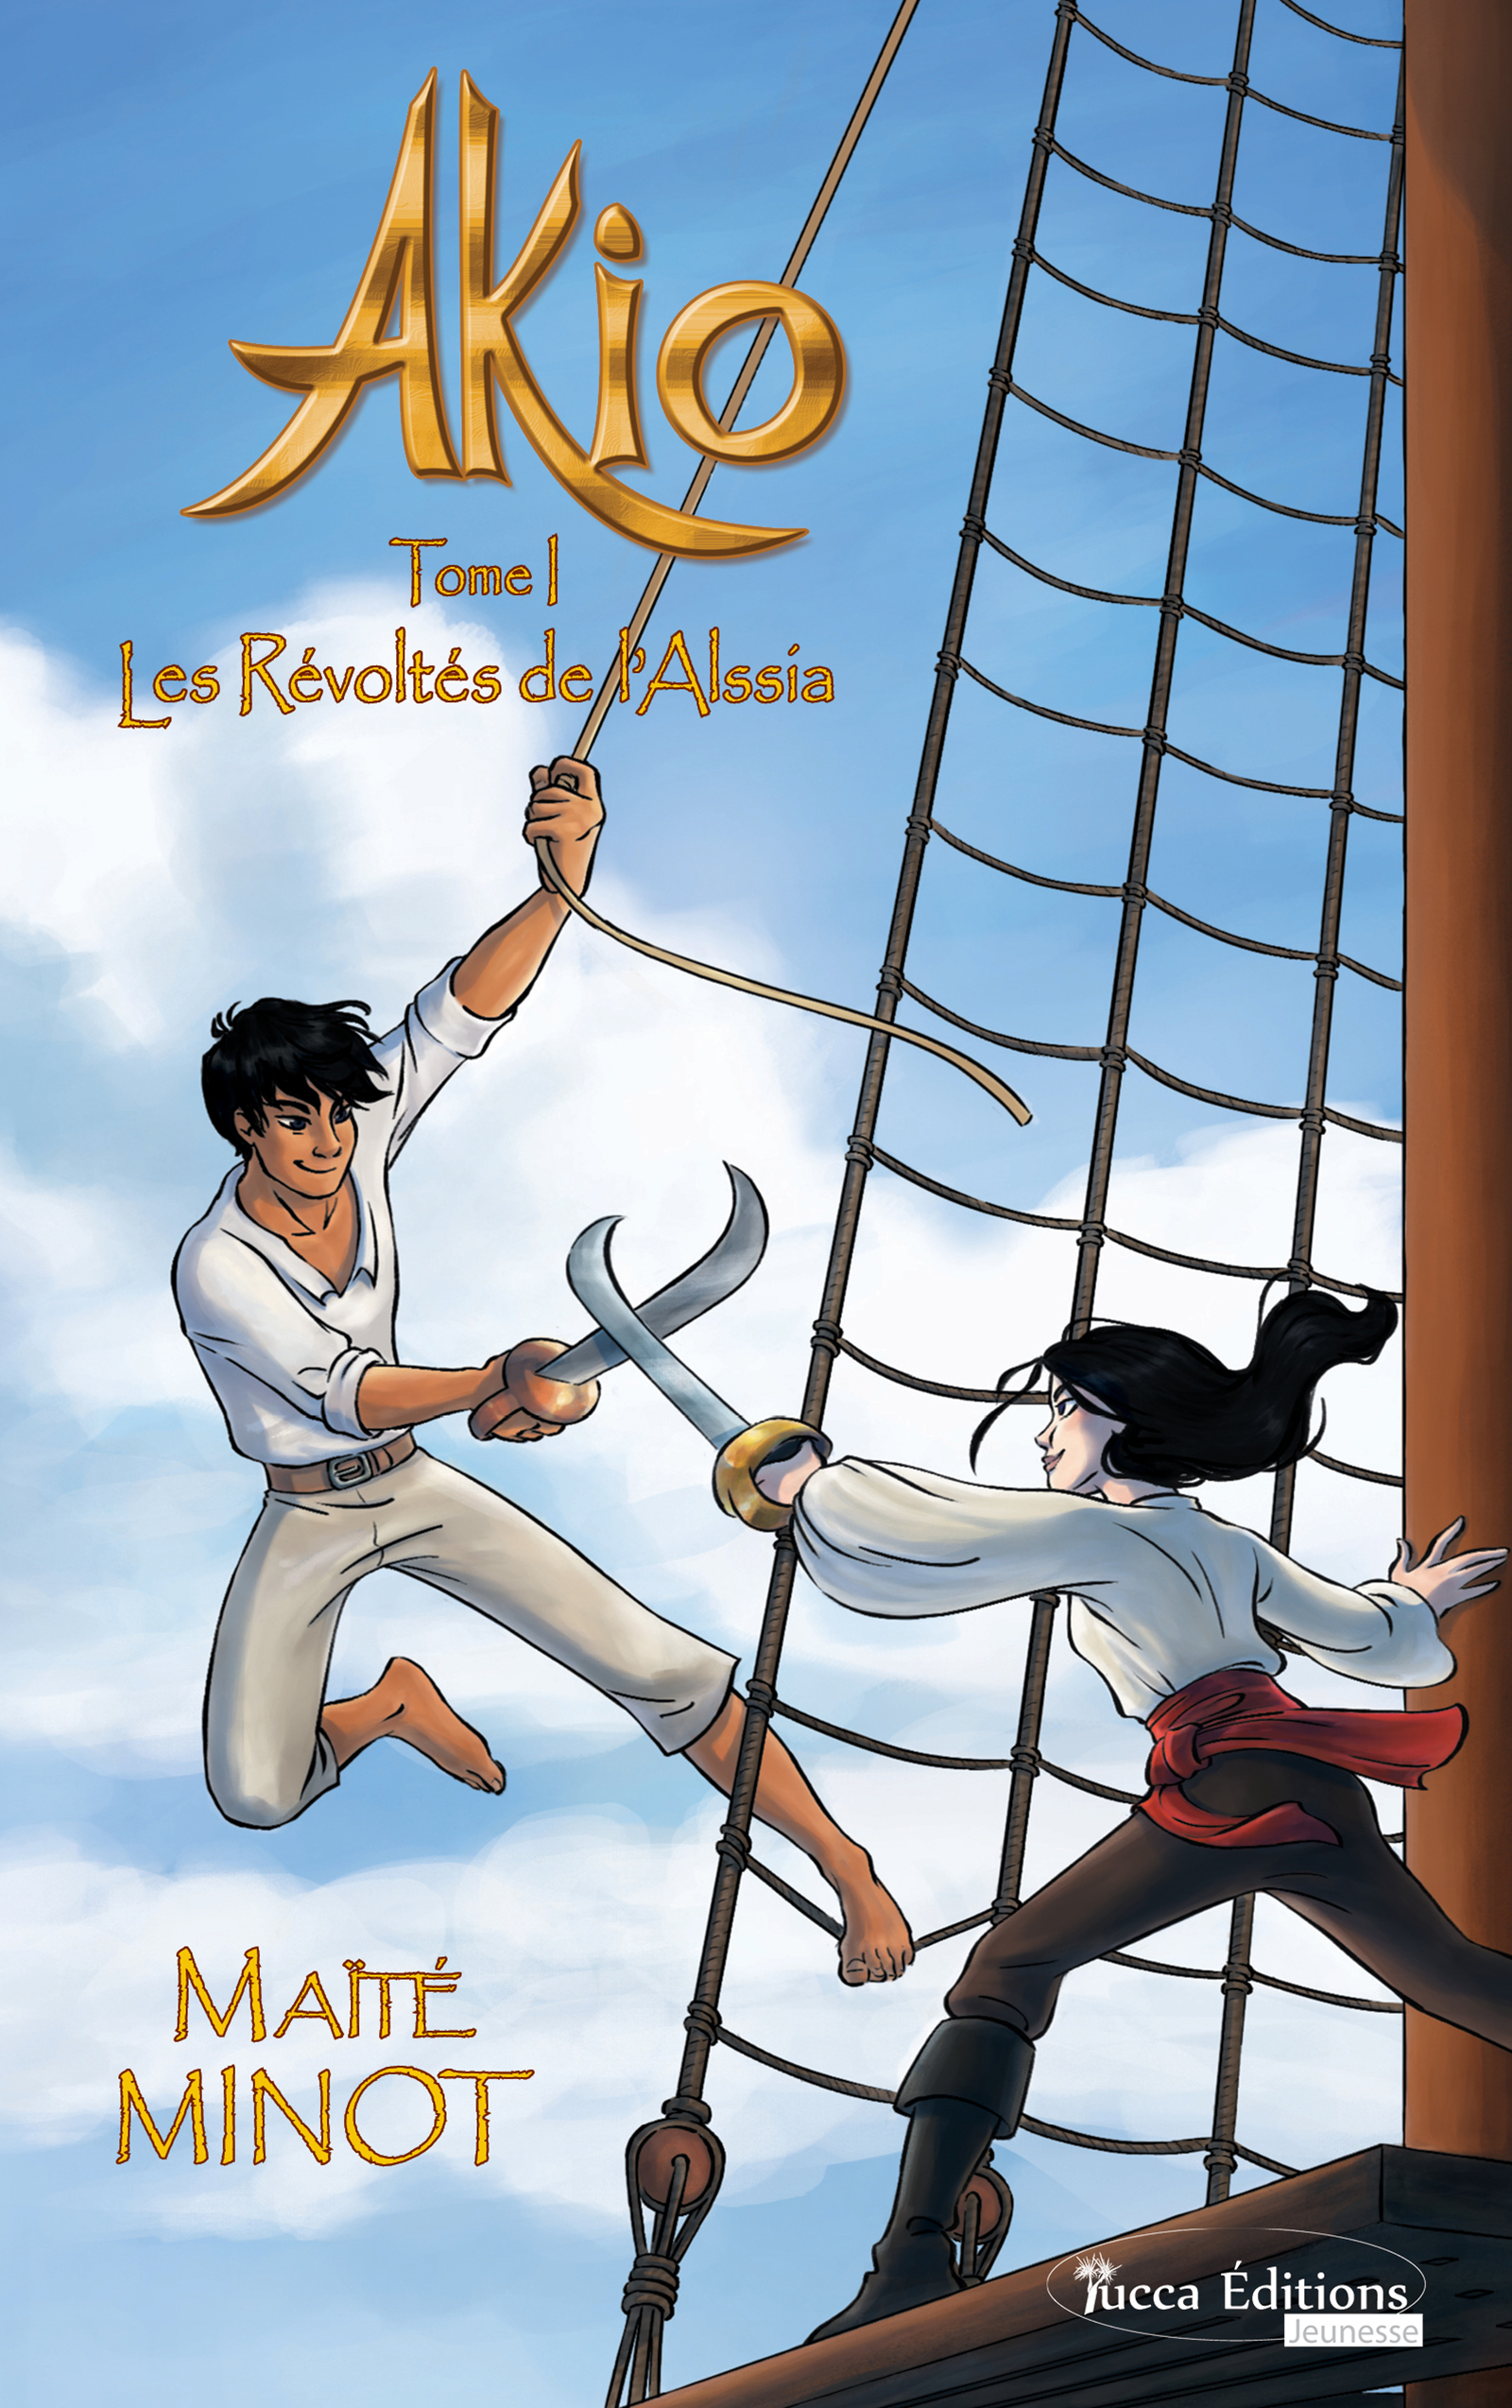 Les Révoltés de l'Alssia, Saga d'aventures fantasy